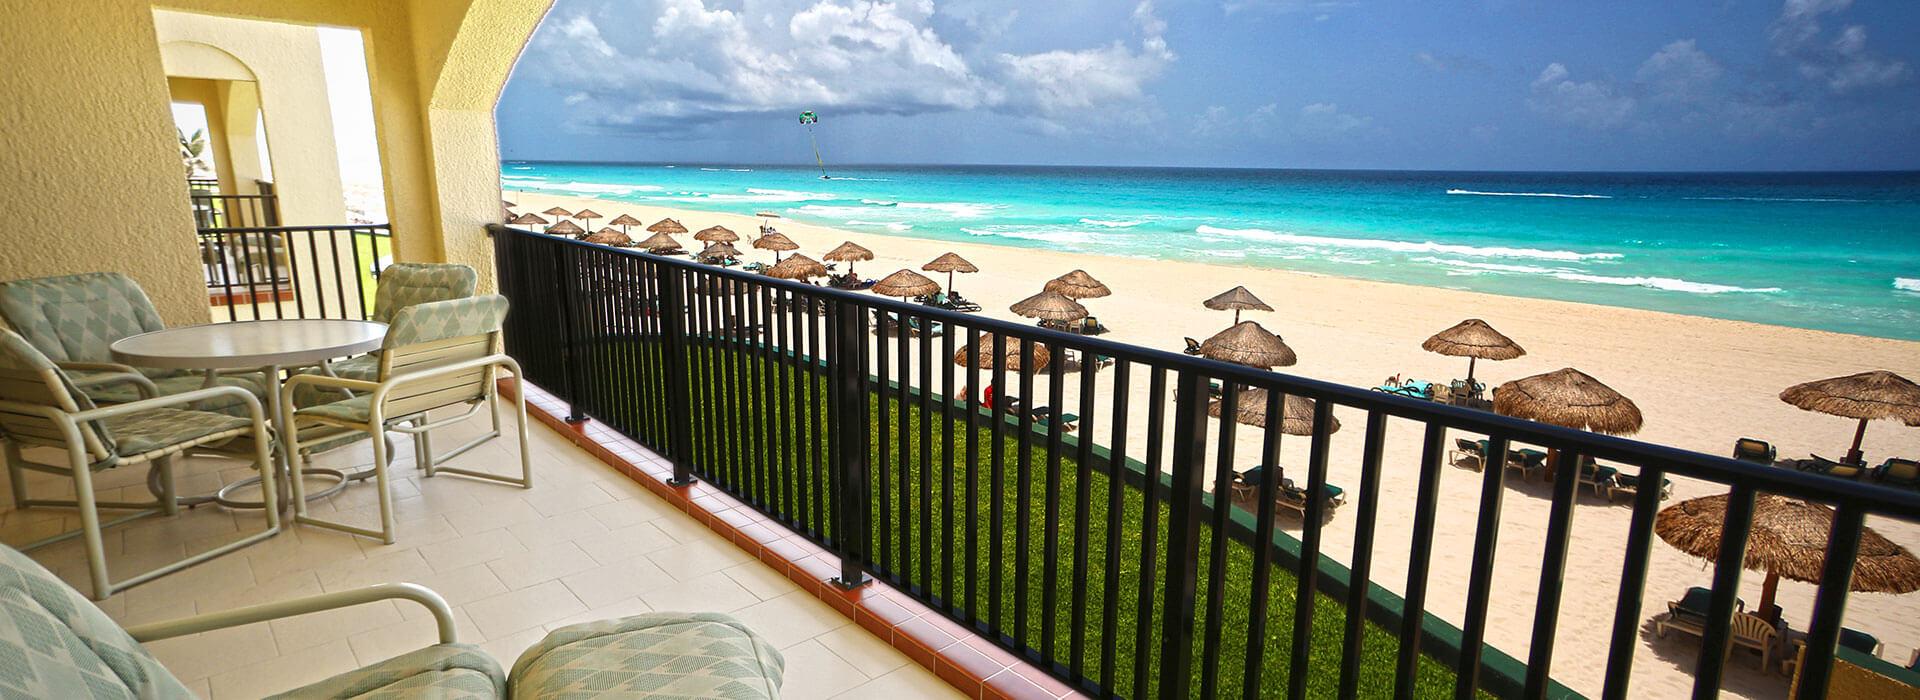 Amplia Suite en Cancún con terraza